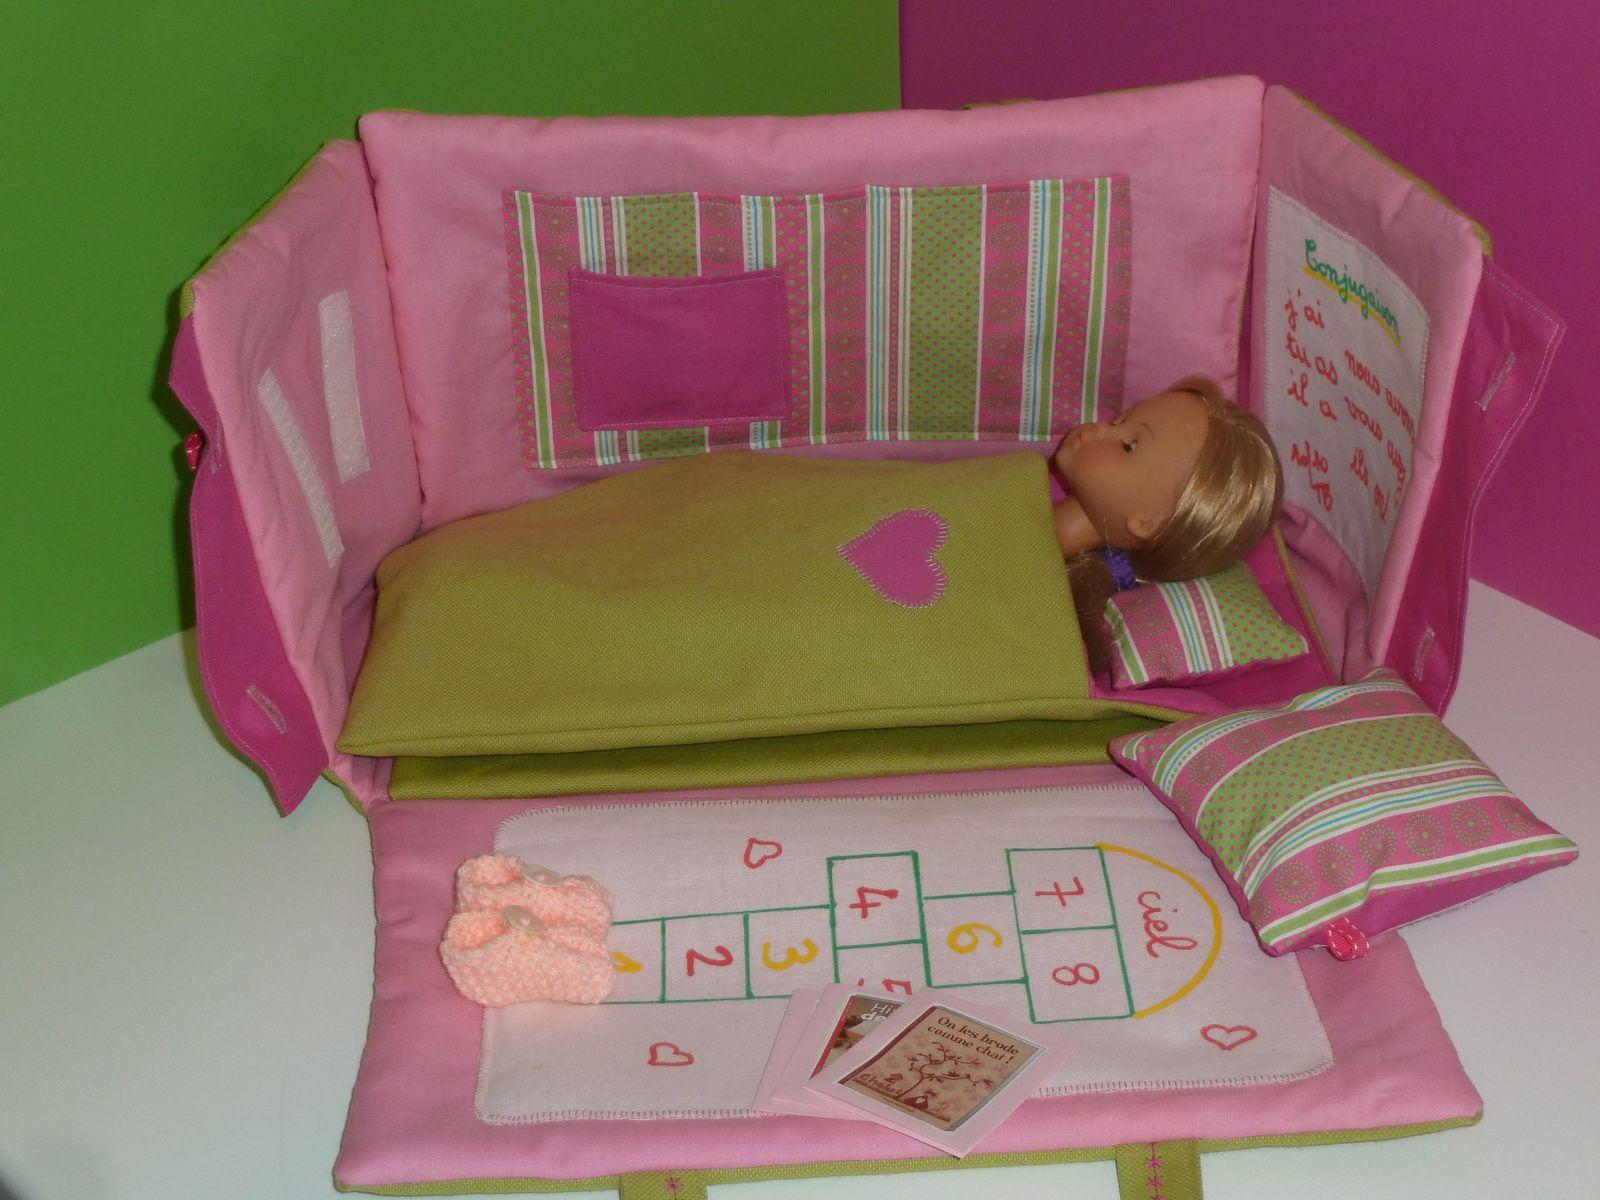 sac chambre lit vert et rose pour poup e ch rie de corolle le voyage du sac cadeaux. Black Bedroom Furniture Sets. Home Design Ideas